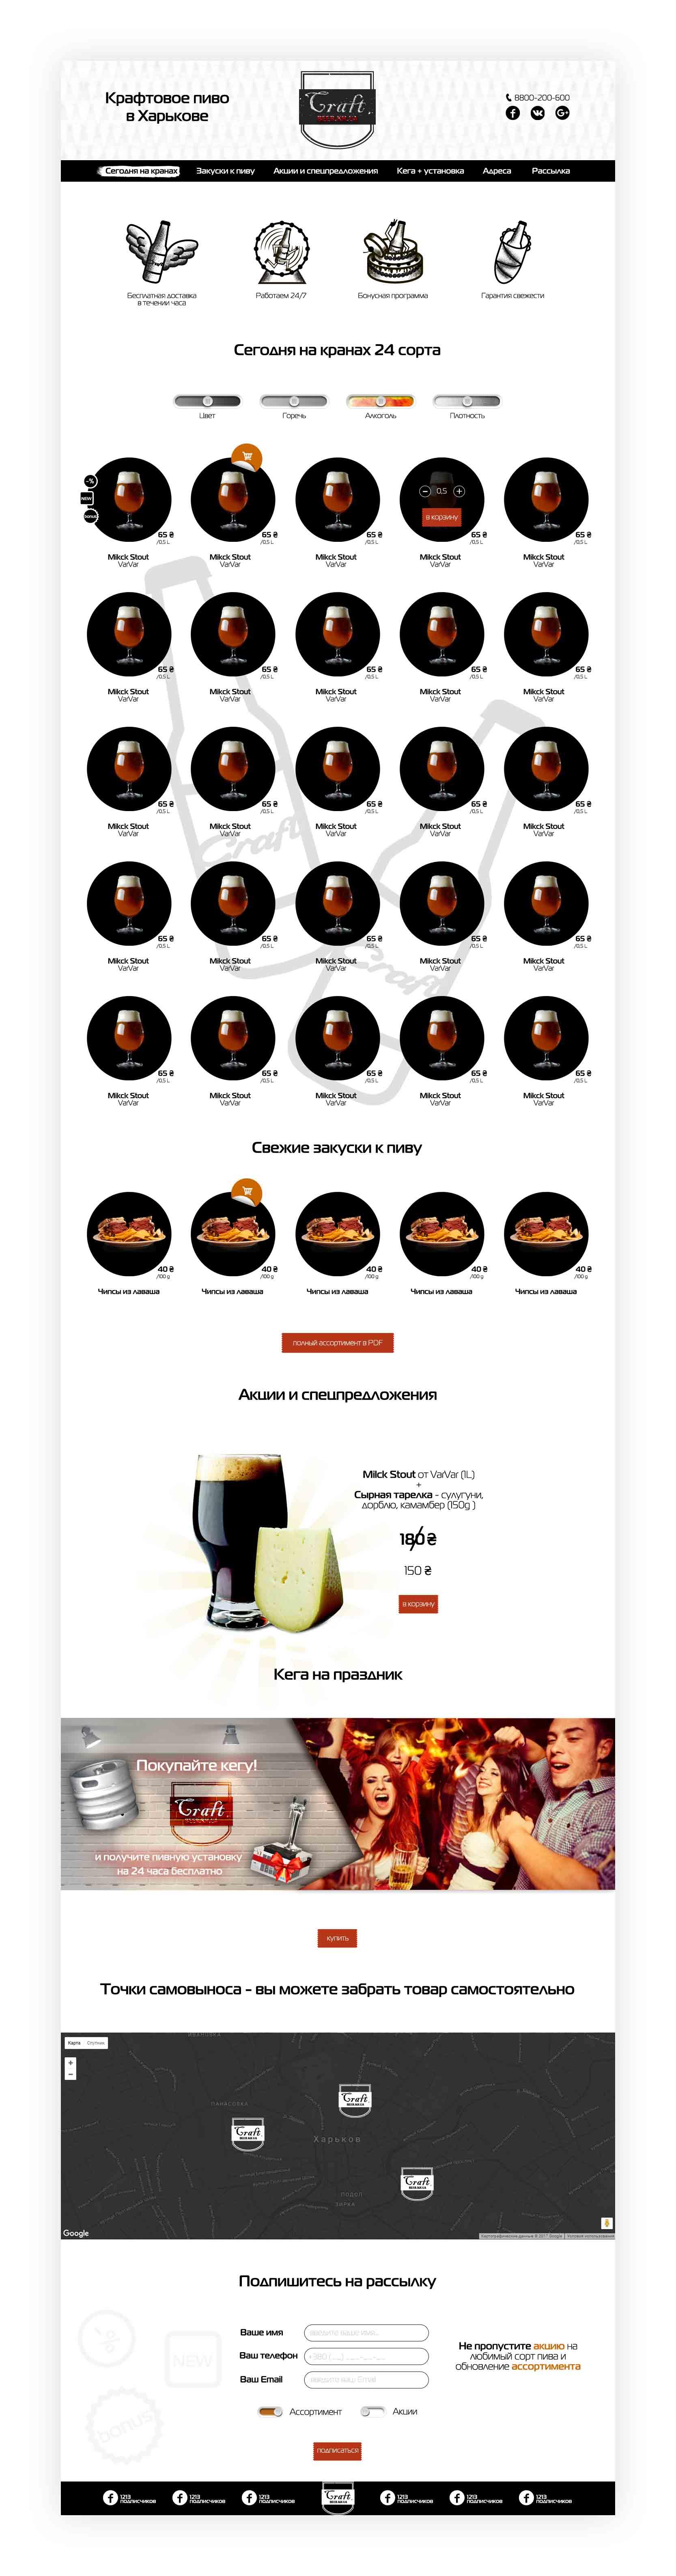 Дизайн лендинга, + страница Бонусов, + модальные окна фото f_6935a5a3f71ccd41.jpg